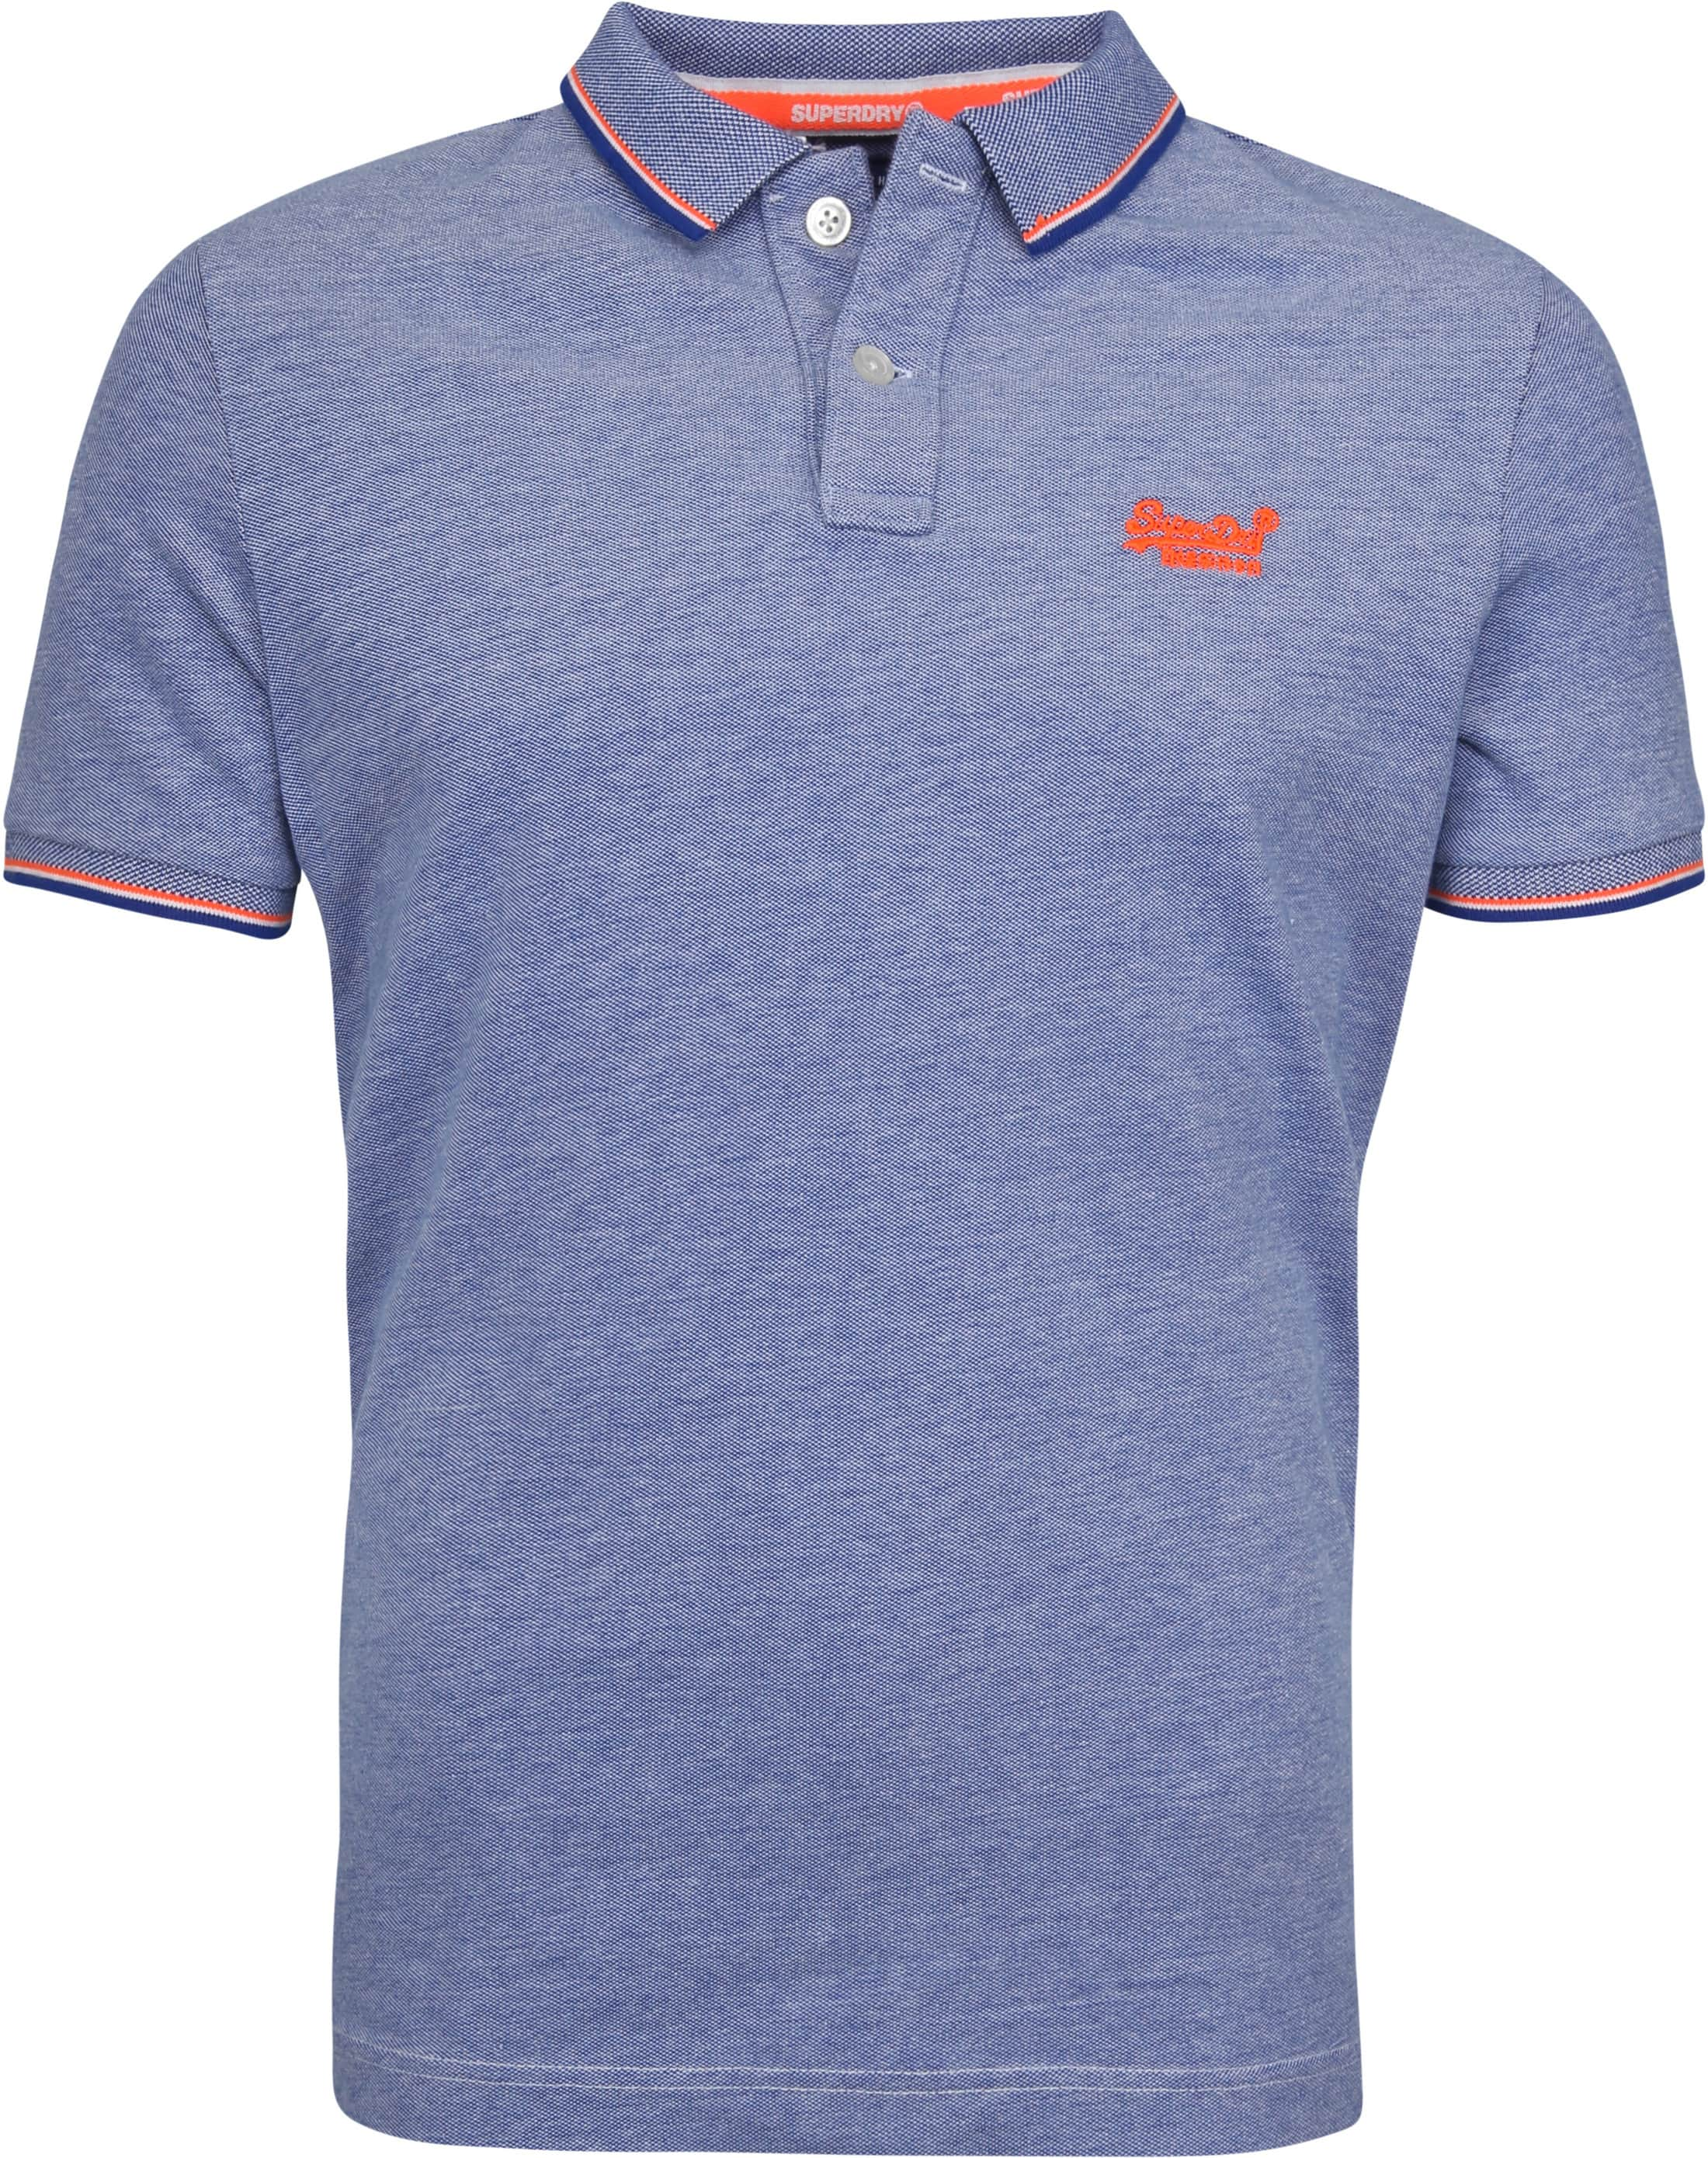 online store 40d6f be78d Superdry Premium Poloshirt Blau M11007ET-J37 online kaufen ...